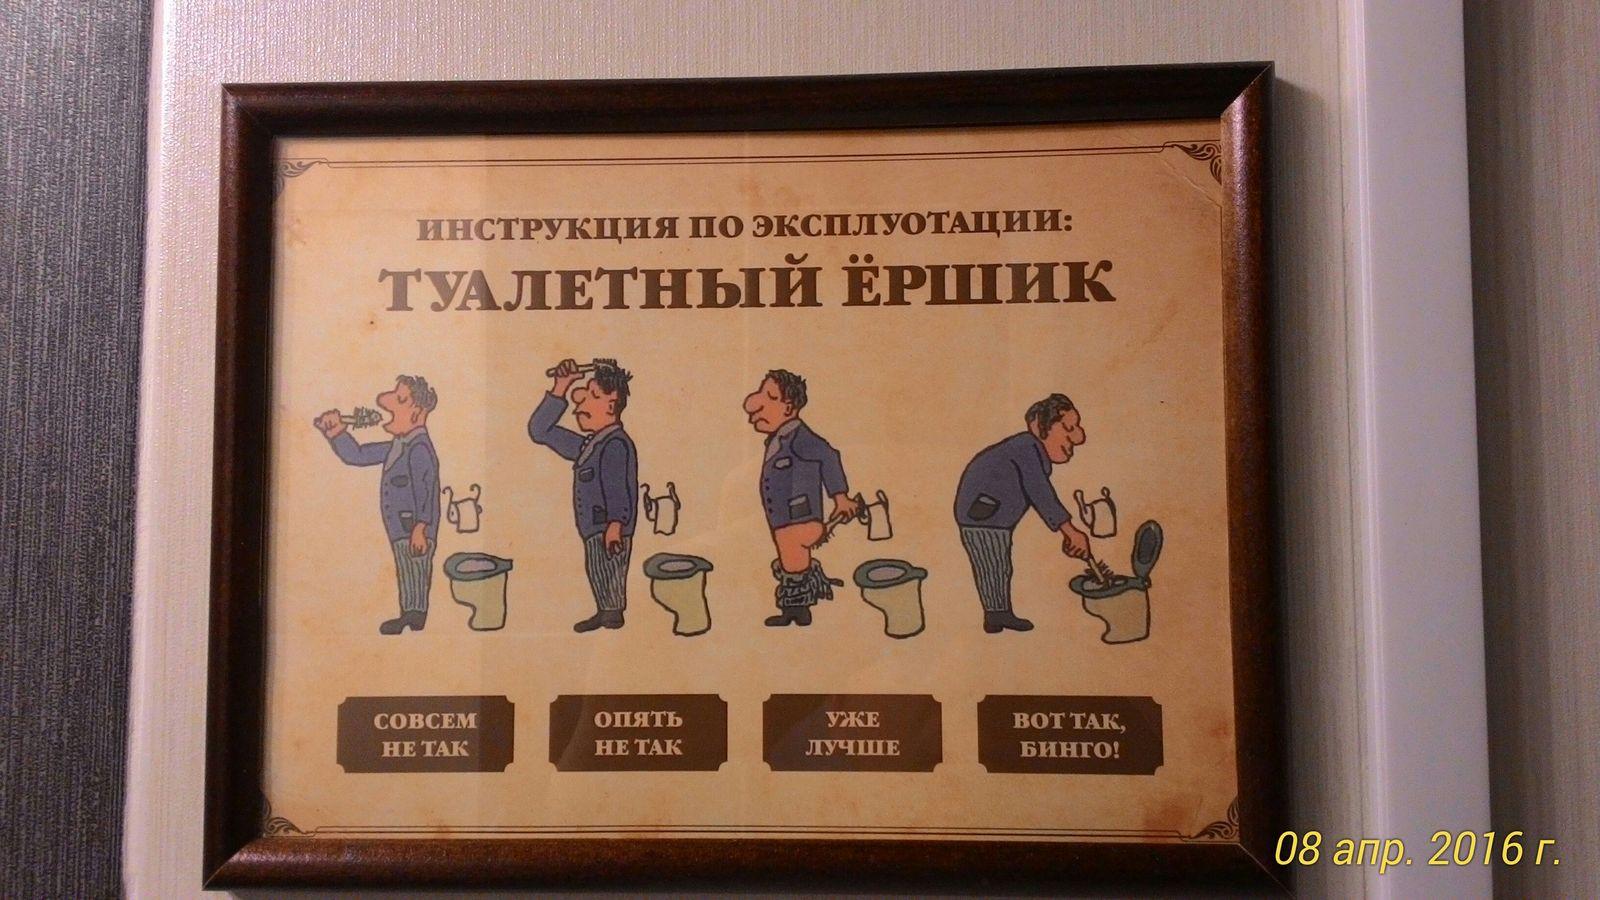 Инструкция пользования туалетом прикол